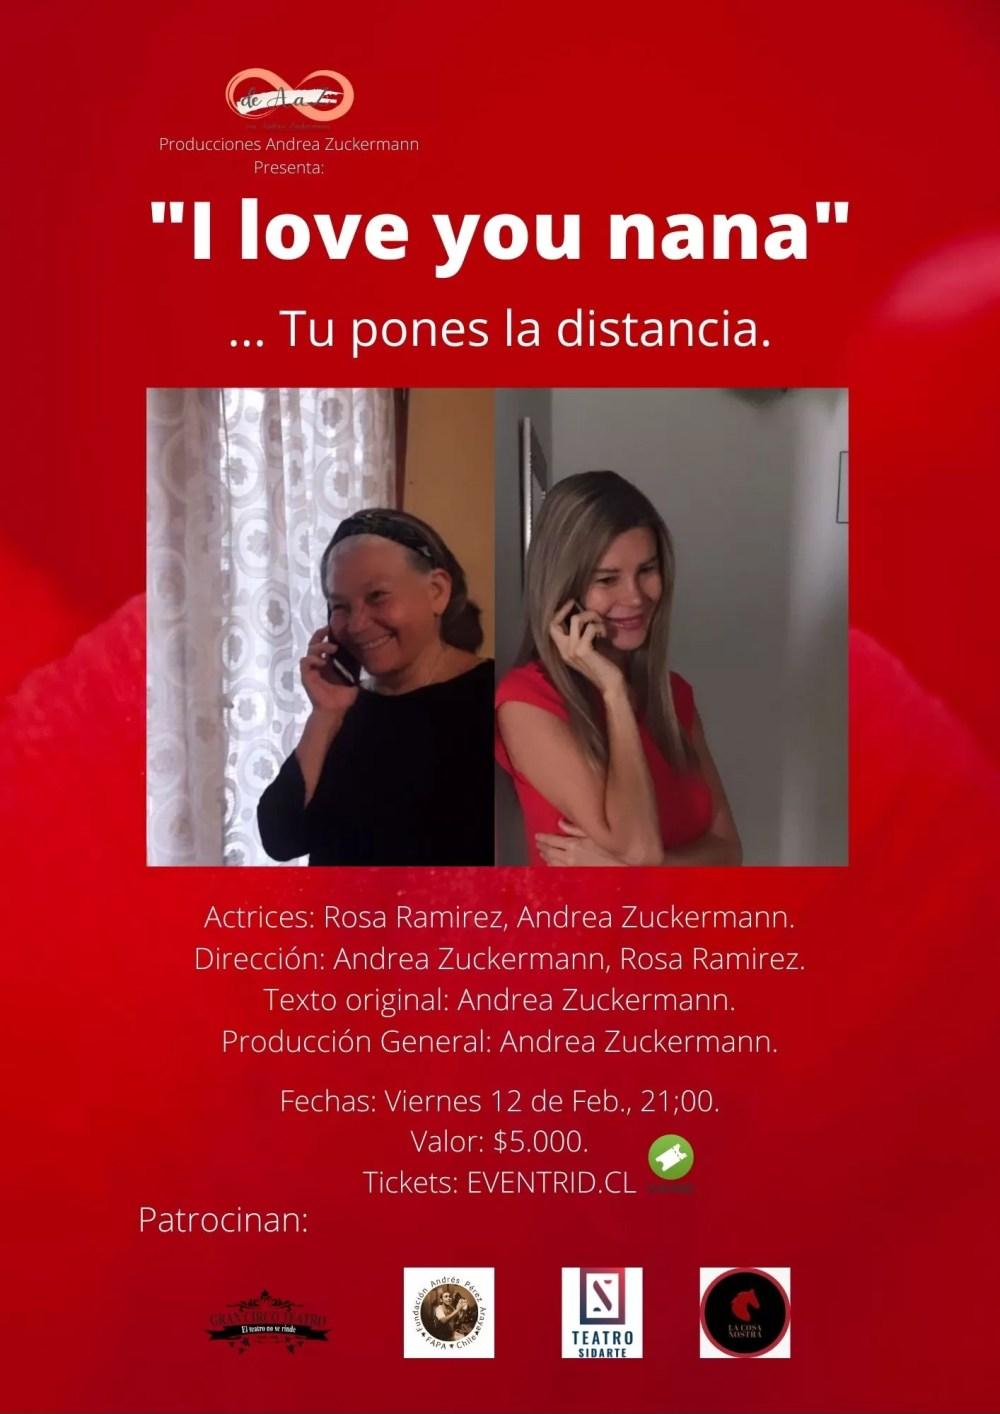 I love Nana ABBJ001